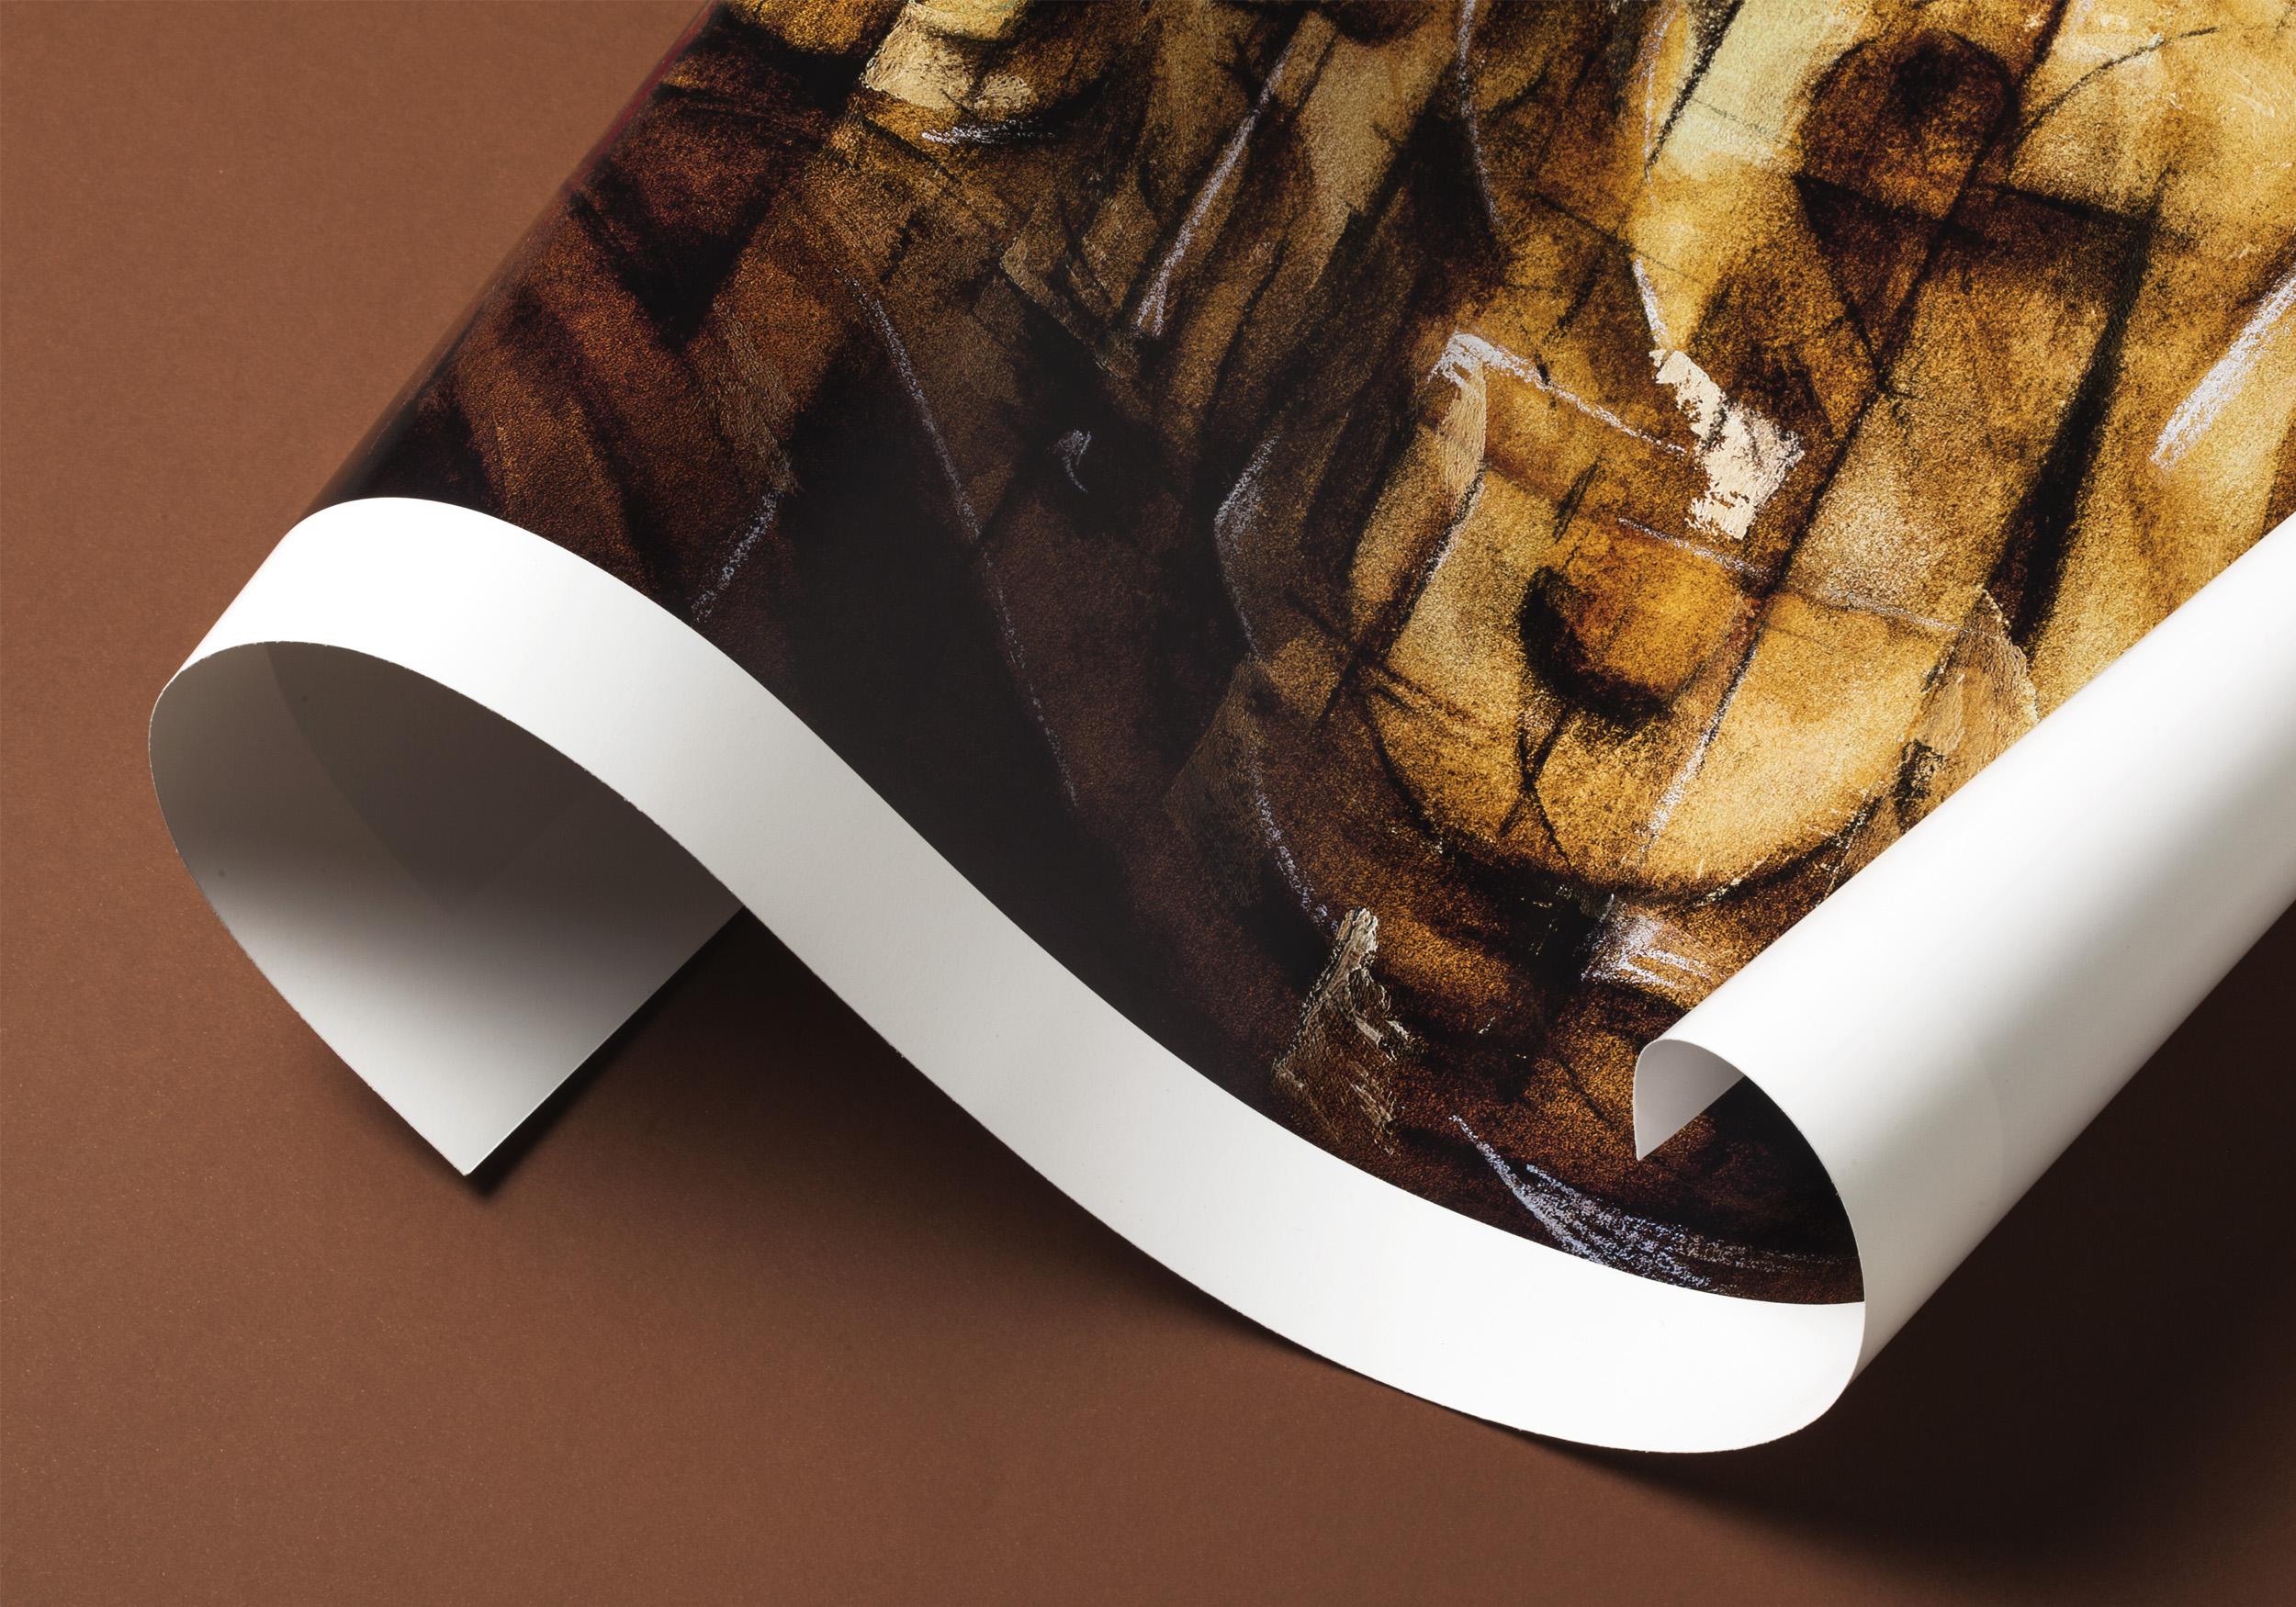 Detalle del póster Futurism de LetterArt